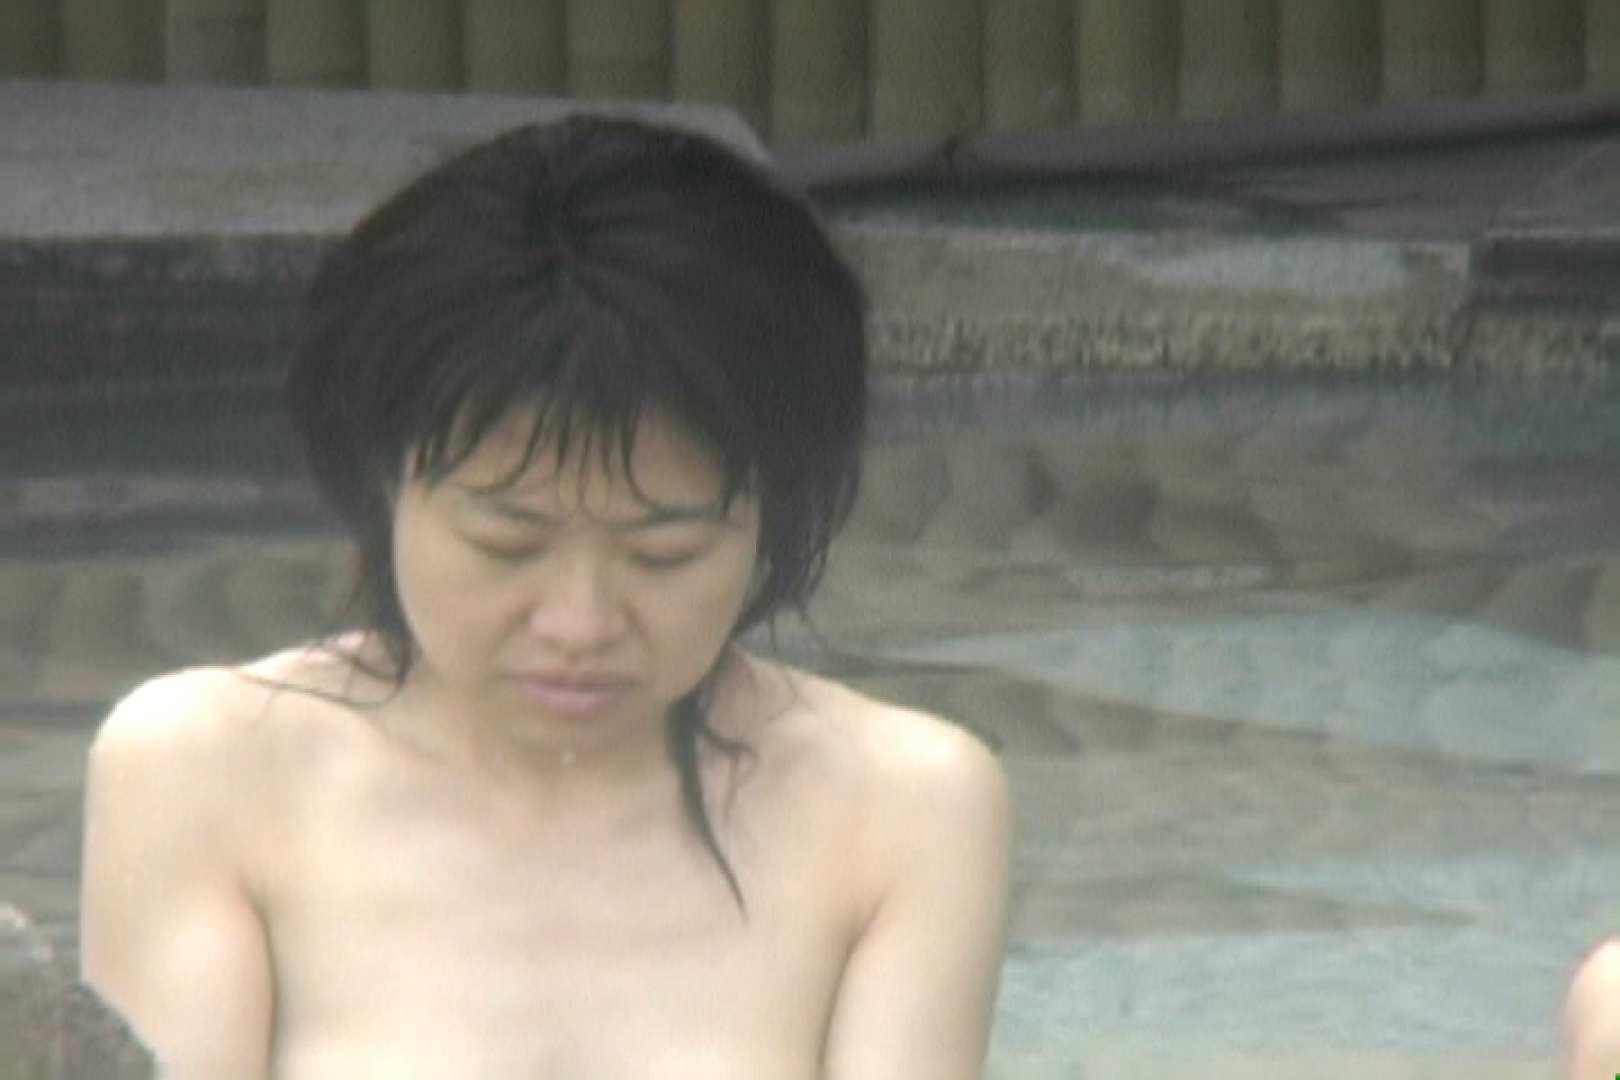 高画質露天女風呂観察 vol.012 高画質 盗撮AV動画キャプチャ 100画像 38